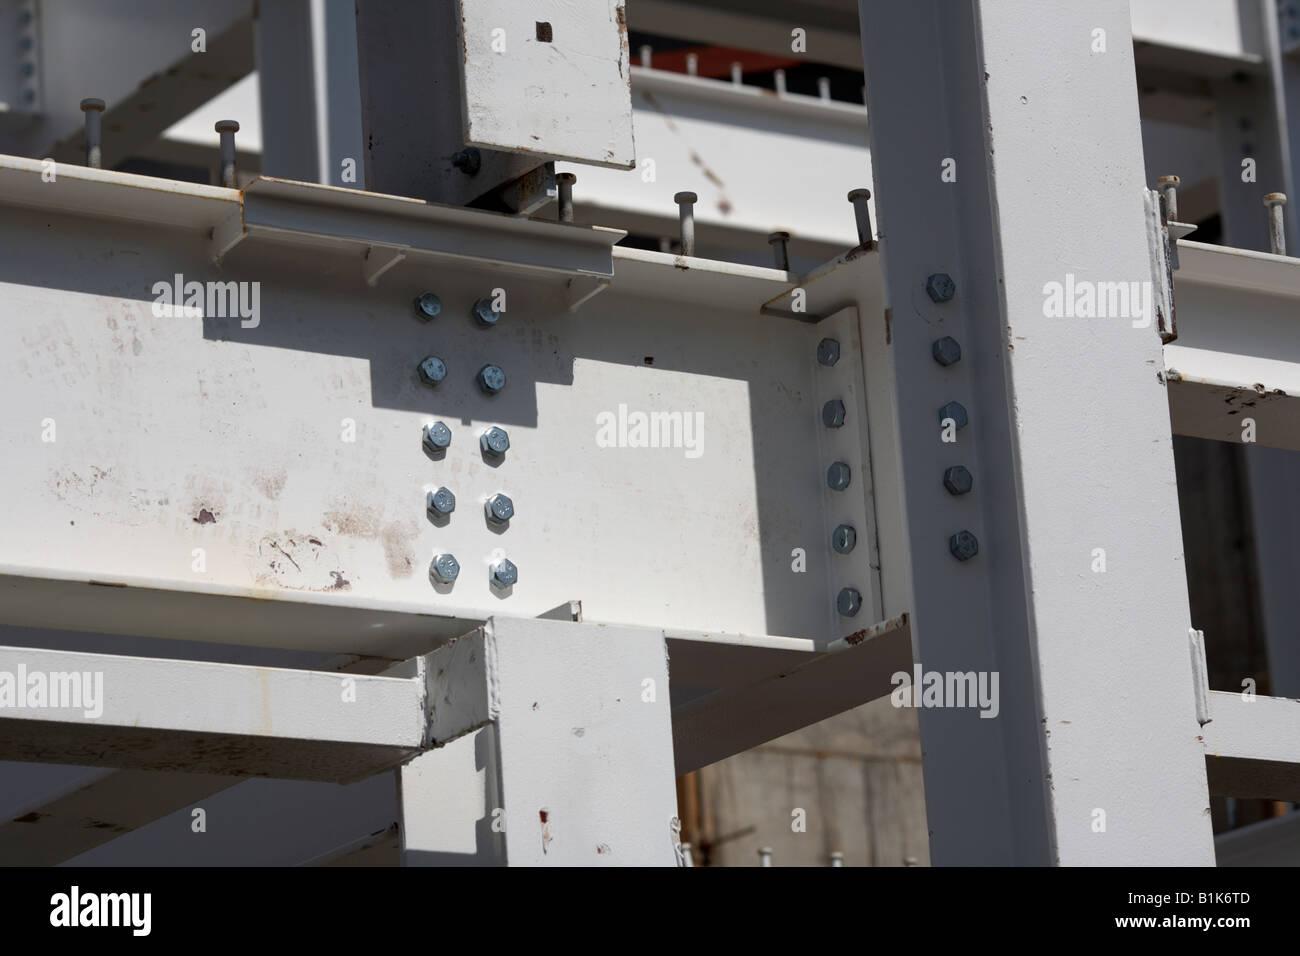 Yo barras metálicas atornilladas juntas para hacer el bastidor de acero de un edificio de Belfast, Irlanda Imagen De Stock